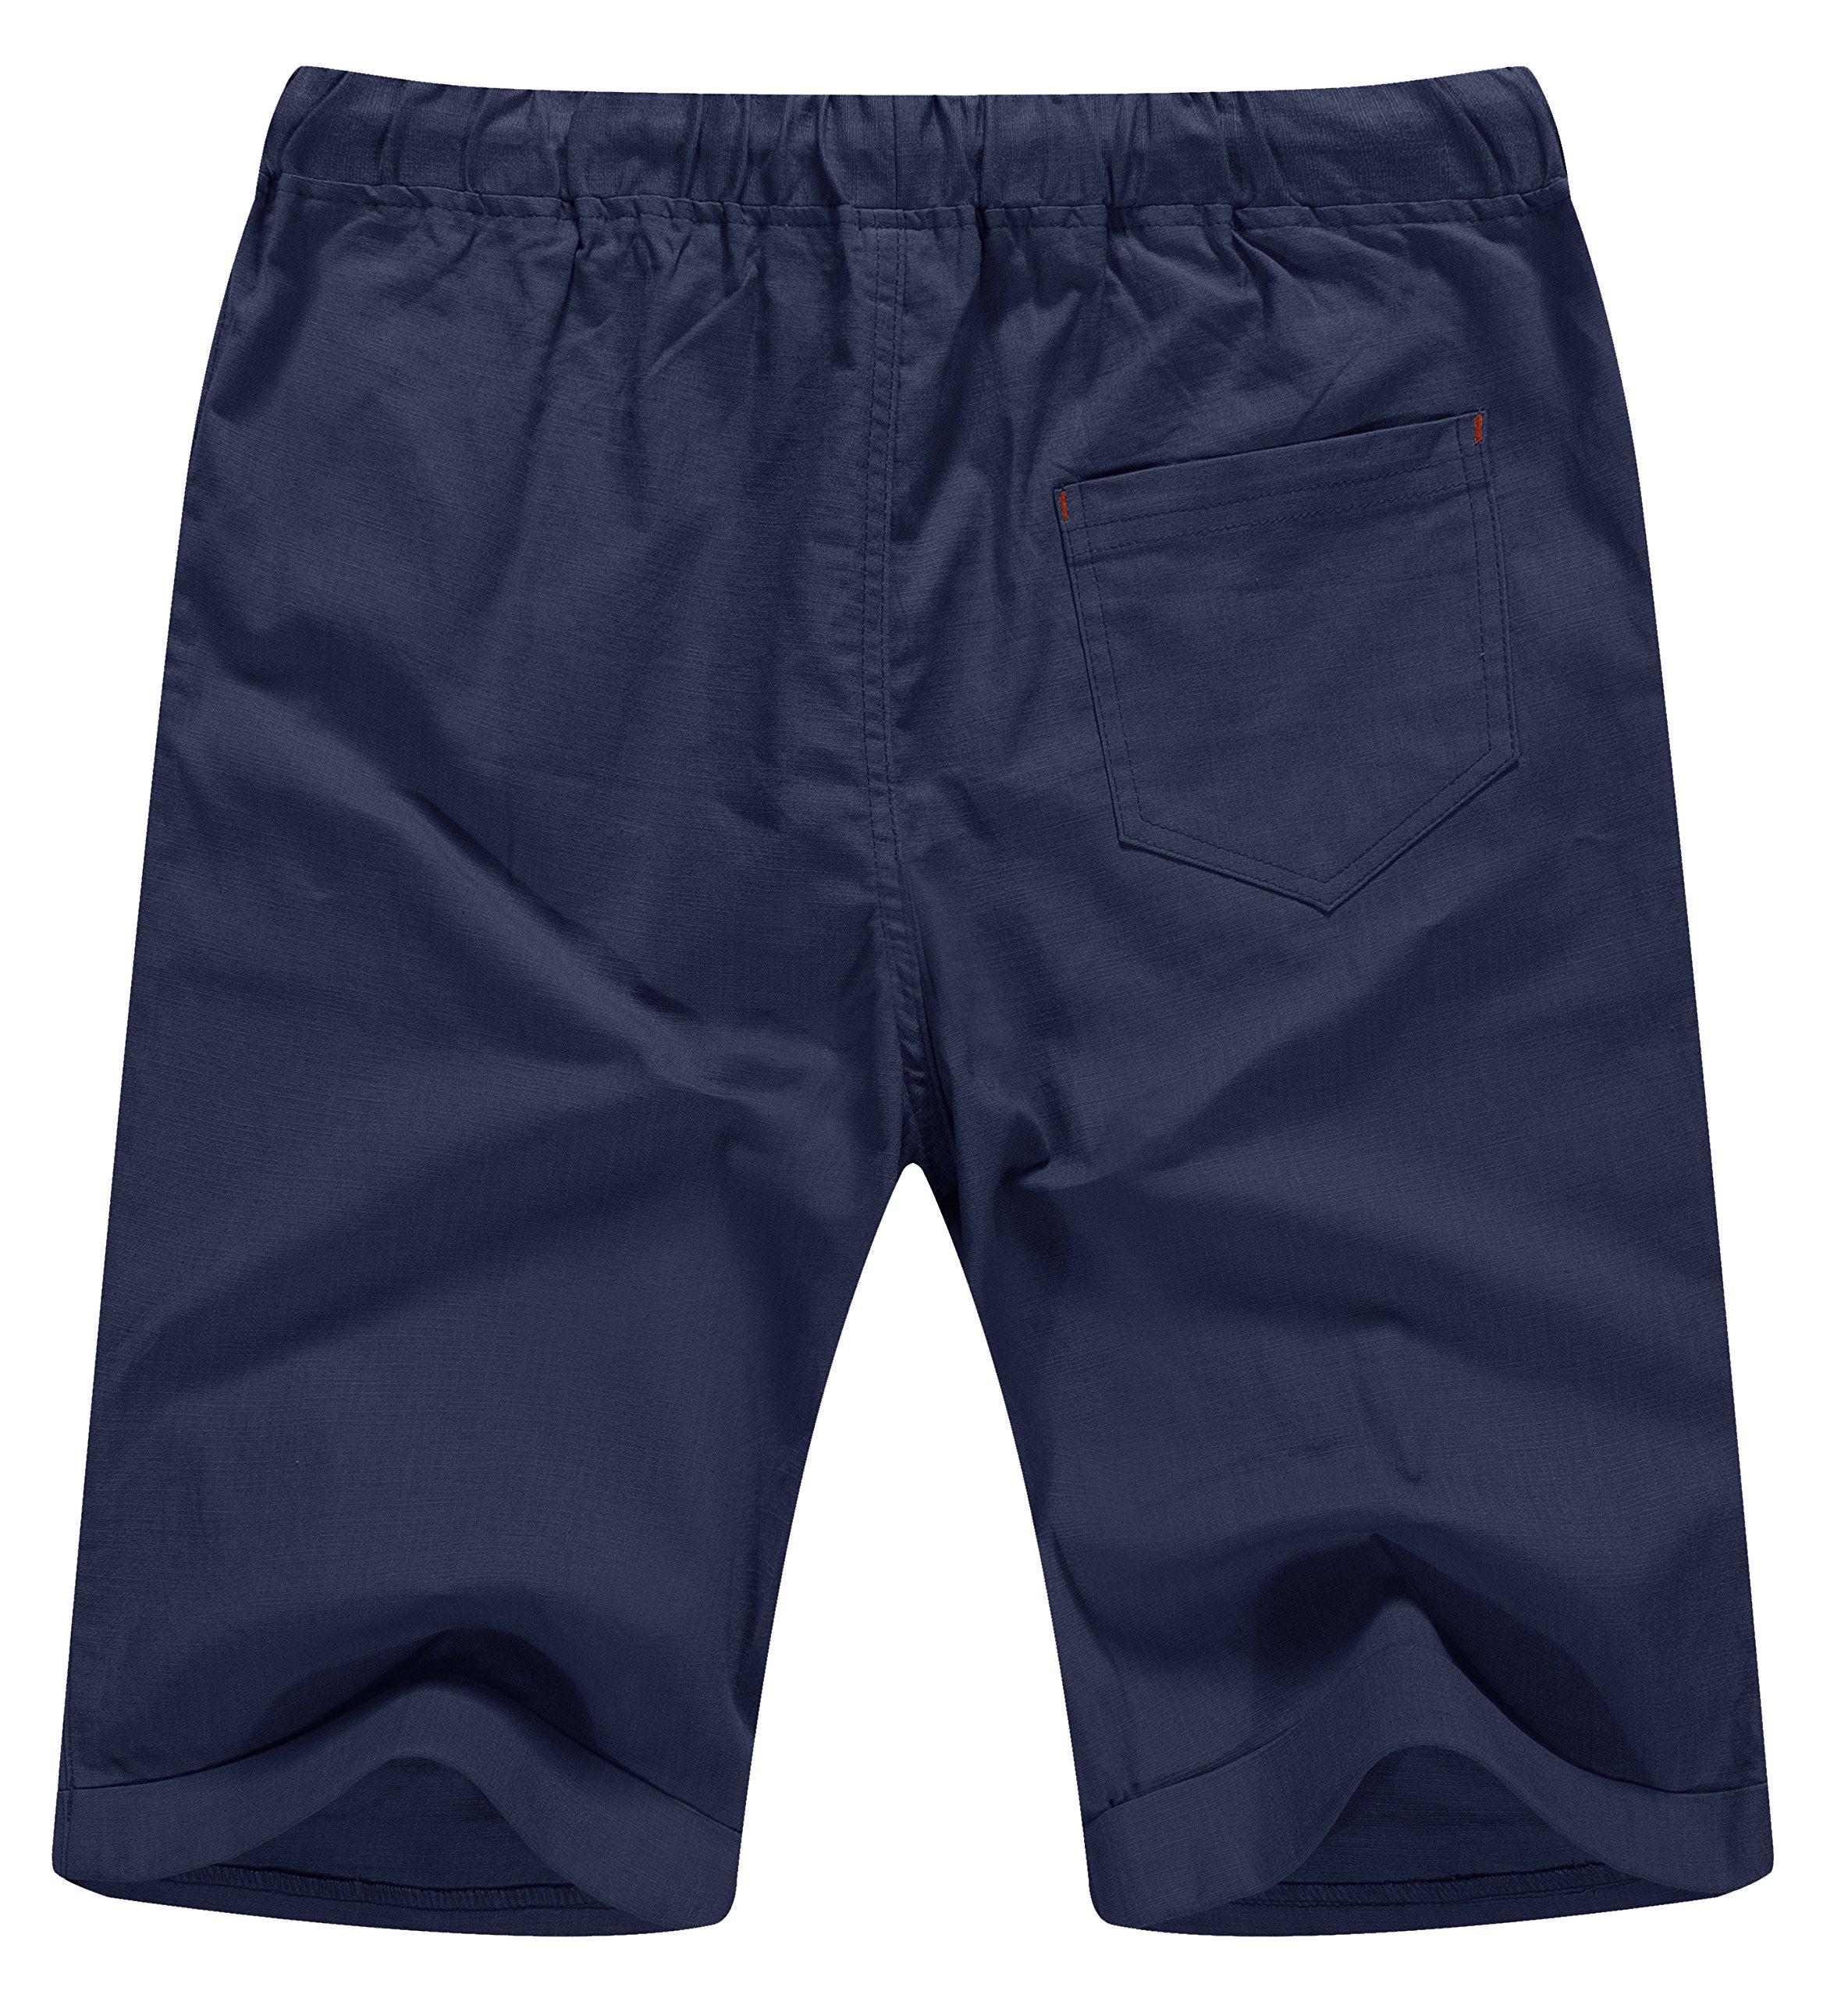 NITAGUT Men's Linen Casual Classic Fit Short Navy Blue L by NITAGUT (Image #2)